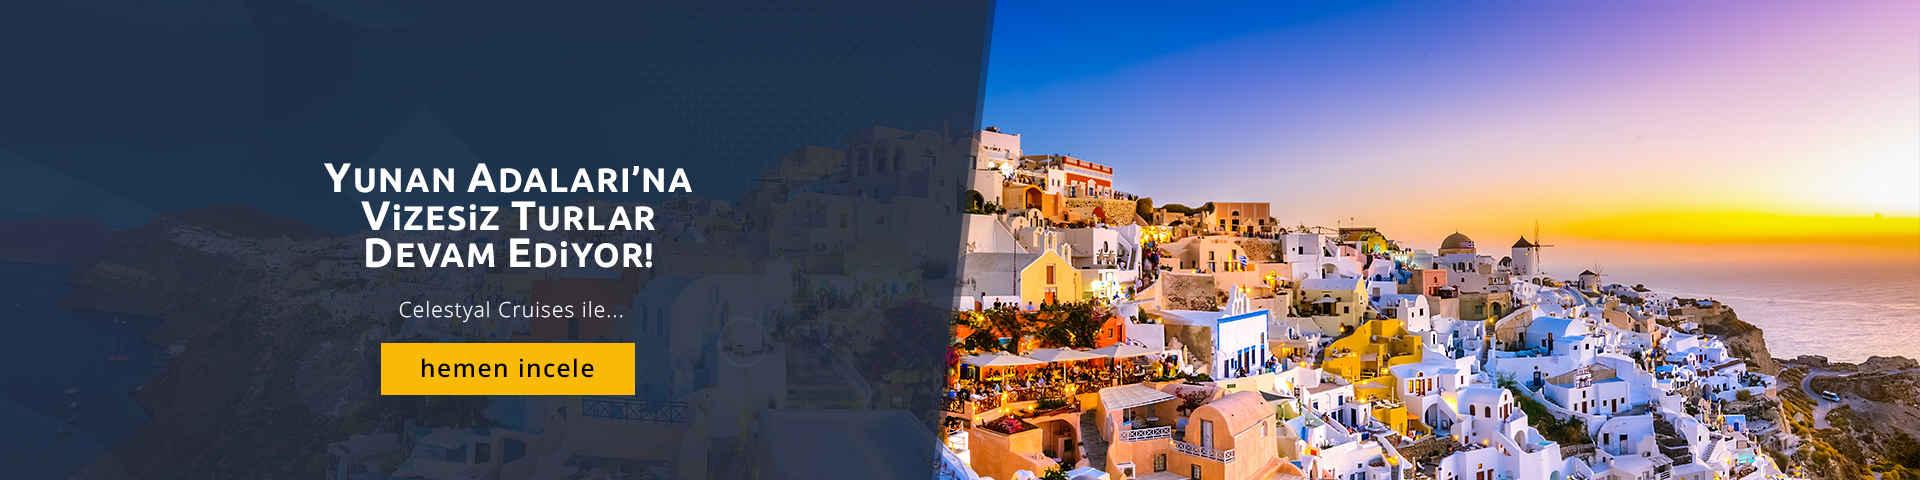 Vizesiz Yunan Adaları Cruise 2018 Erken Rezervasyon…